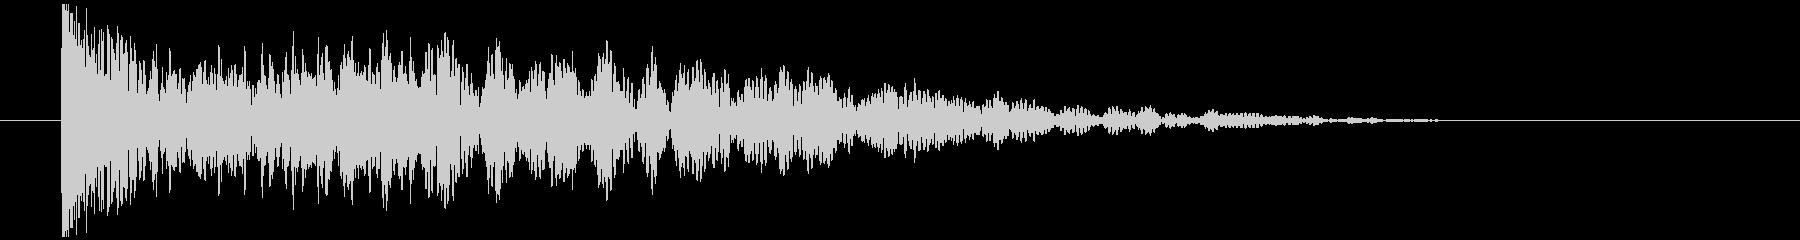 低音インパクトの未再生の波形